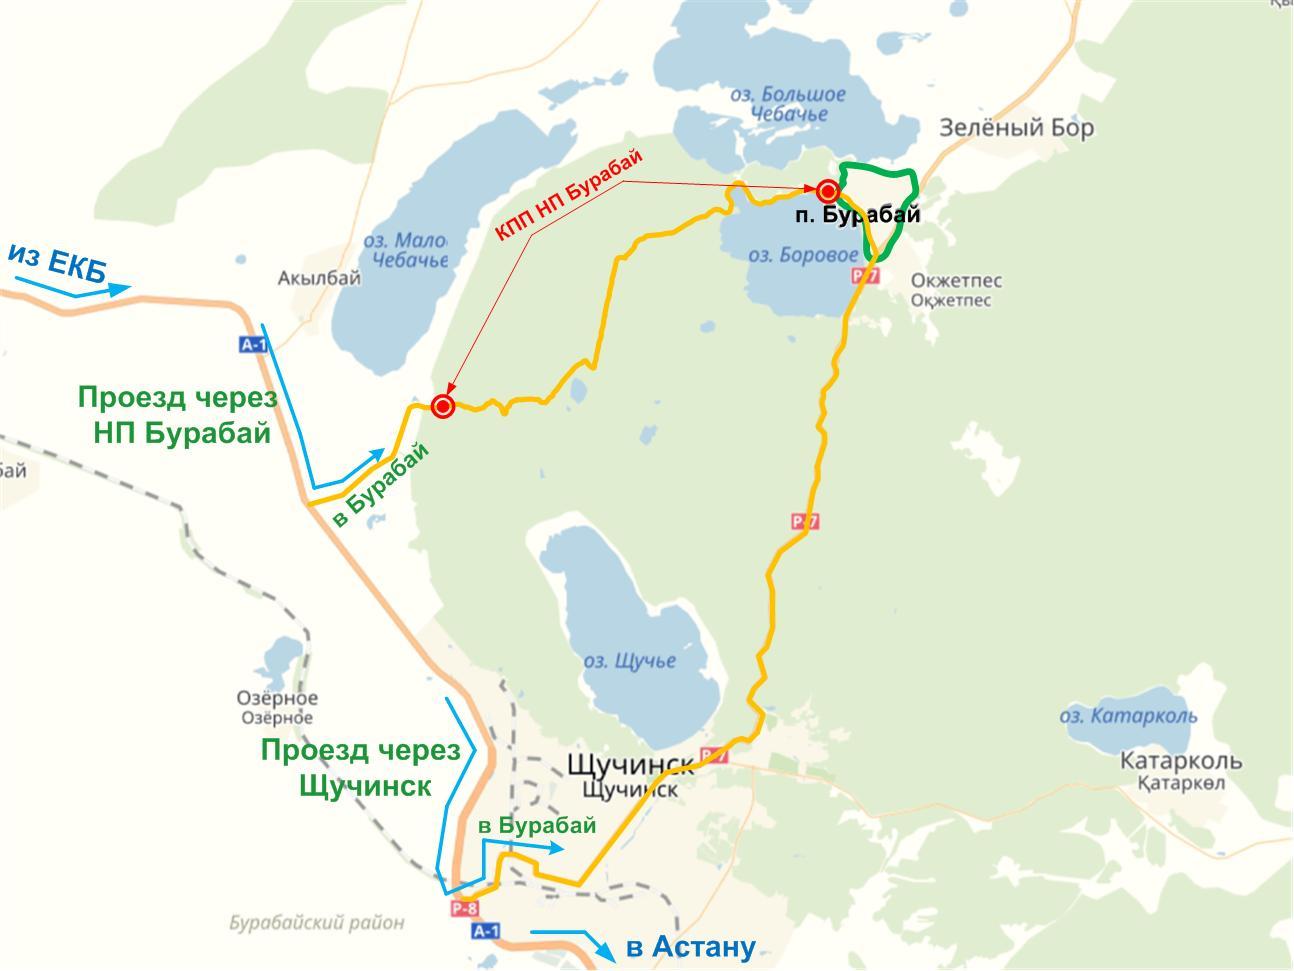 План-схема проезда к посёлку Бурабай на автомобиле. Как добраться до озера Щучье, Боровое, Большое и Малое Чебачье. Советы по отдыху в Казахстане.